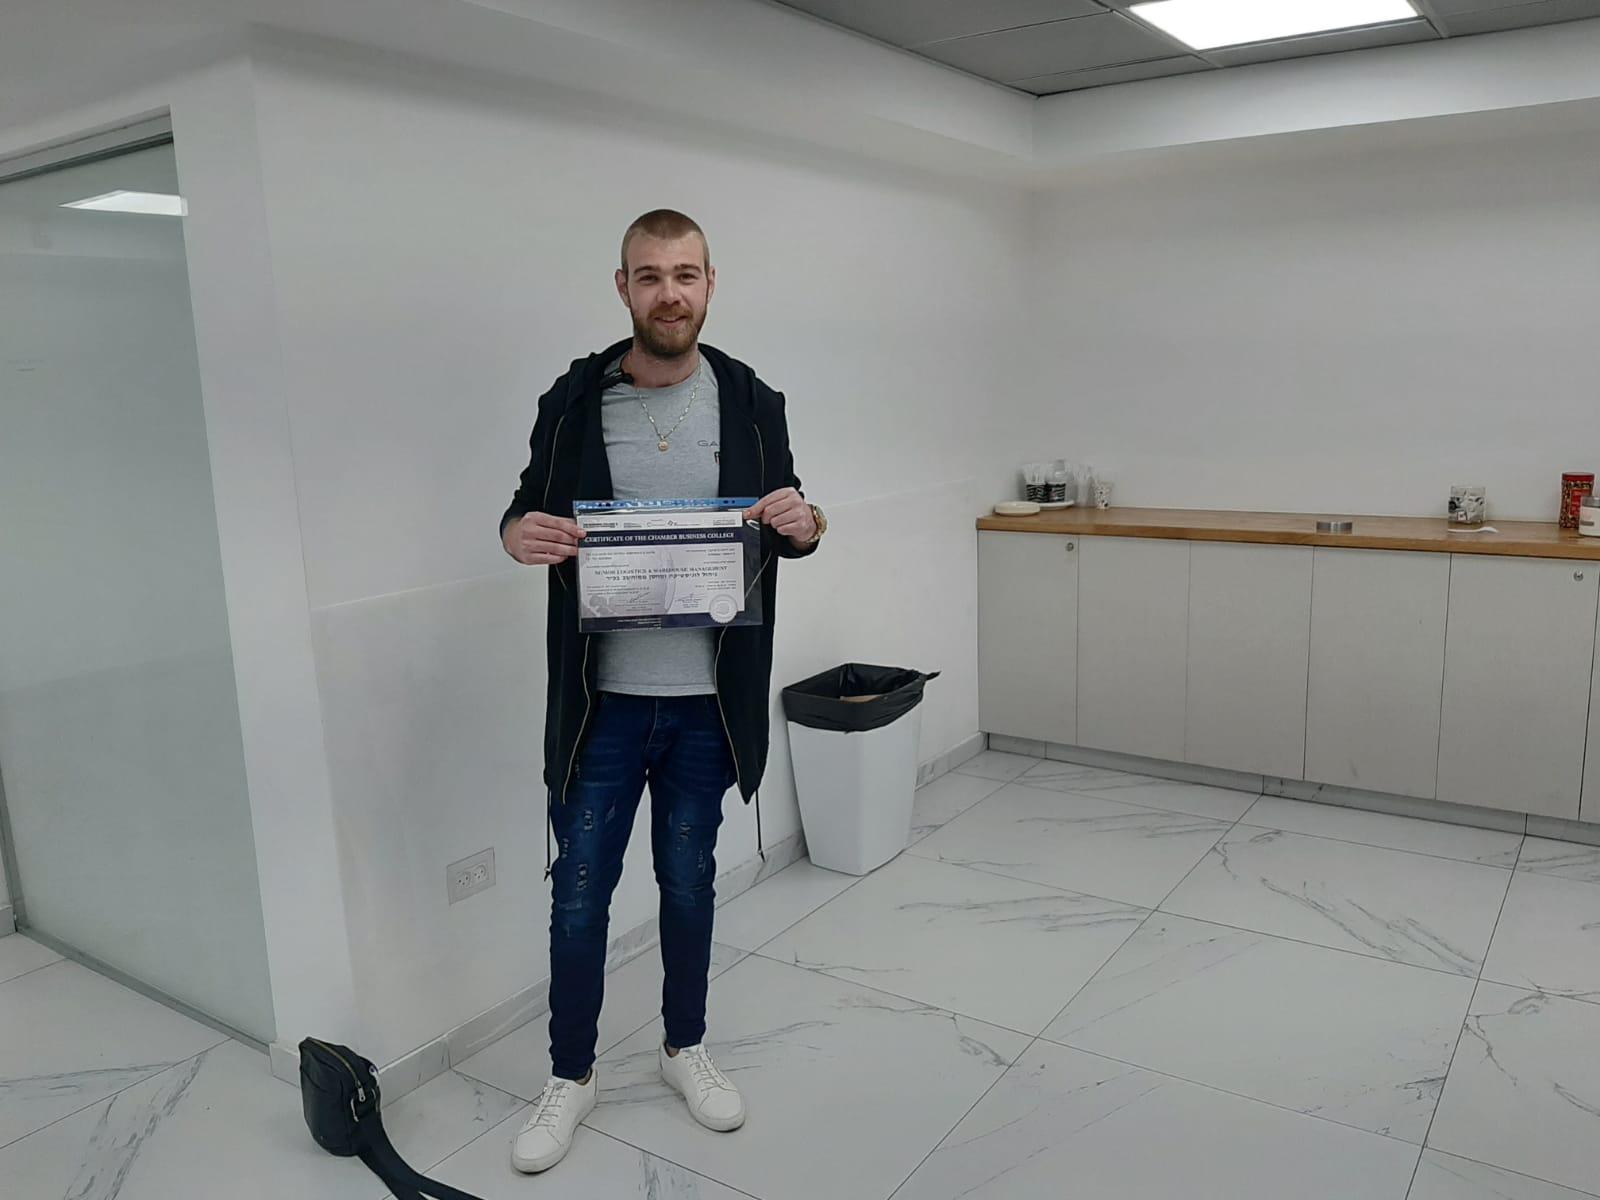 גלרייה - סיום קורס ניהול לוגיסטיקה ומחסן ממוחשב בכיר מחזור 39, 30 מתוך 38